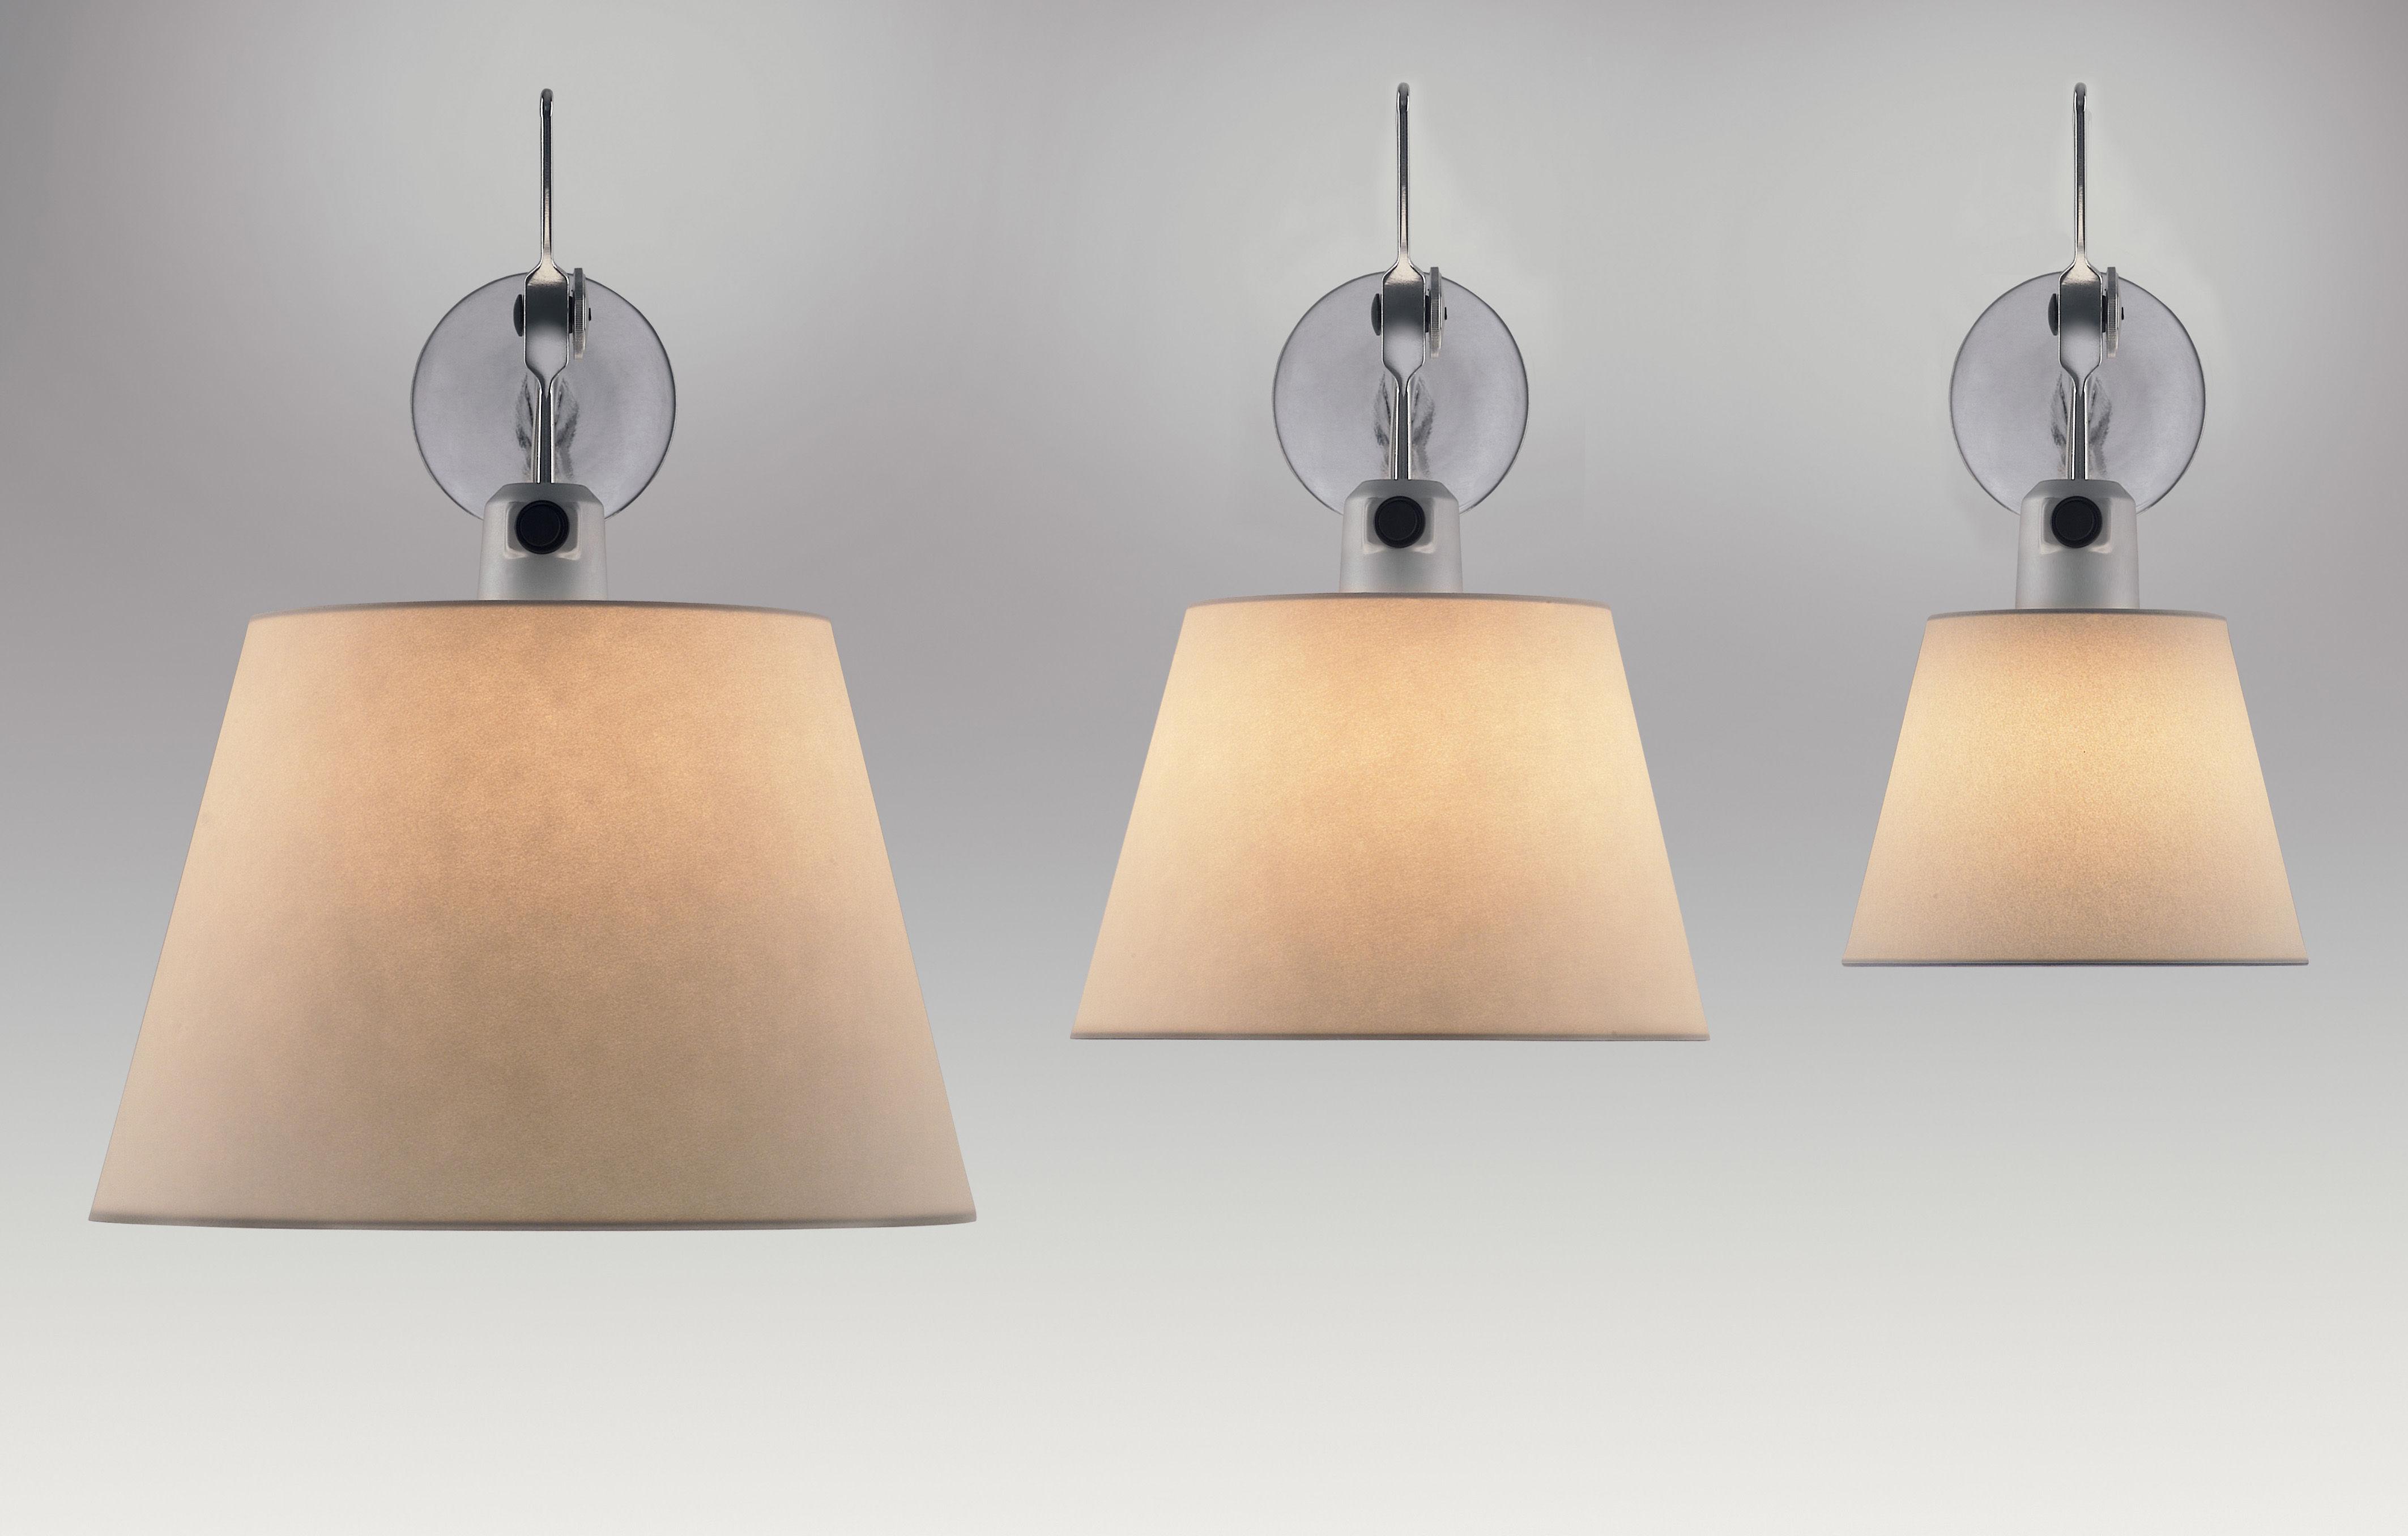 scopri applique tolomeo 32 cm satinato grigio di. Black Bedroom Furniture Sets. Home Design Ideas